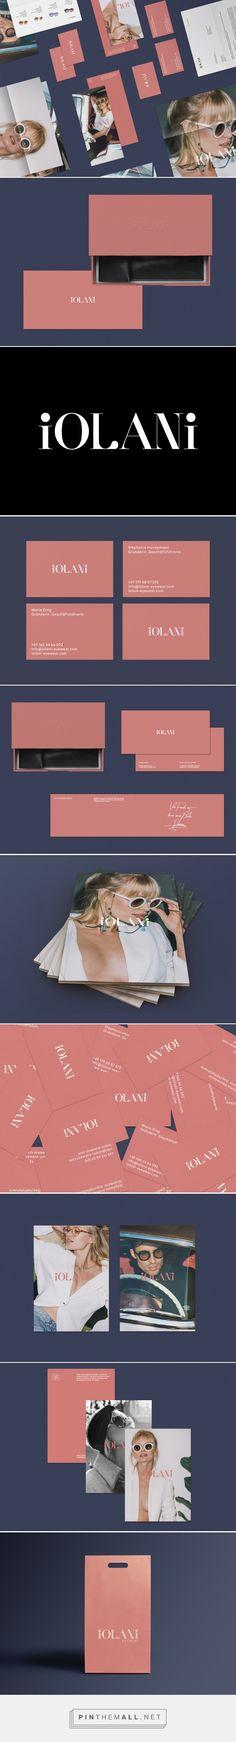 iOLANi Eye Wear Branding by Moby Digg   Fivestar Branding Agency – Design and Branding Agency & Curated Inspiration Gallery #branding #brandidentity #artdirection #design #designinspiration #eyewearbranding